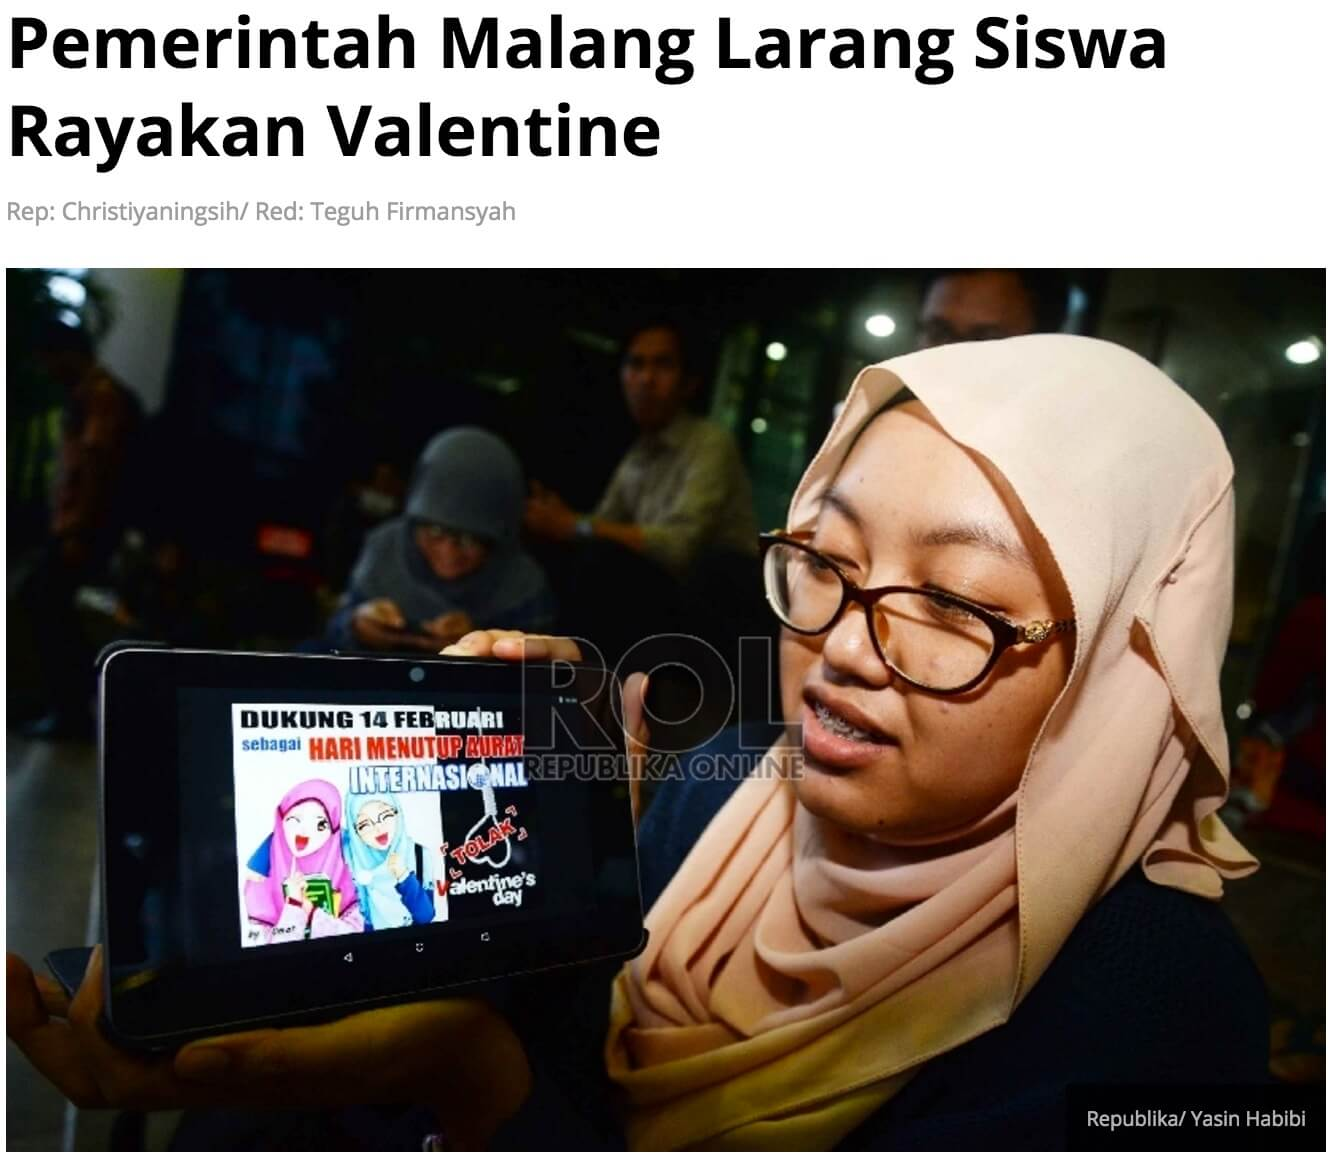 「マラン地方政府、学生がバレンタインを祝うことを禁止へ」とのRepublika Onlineの記事より